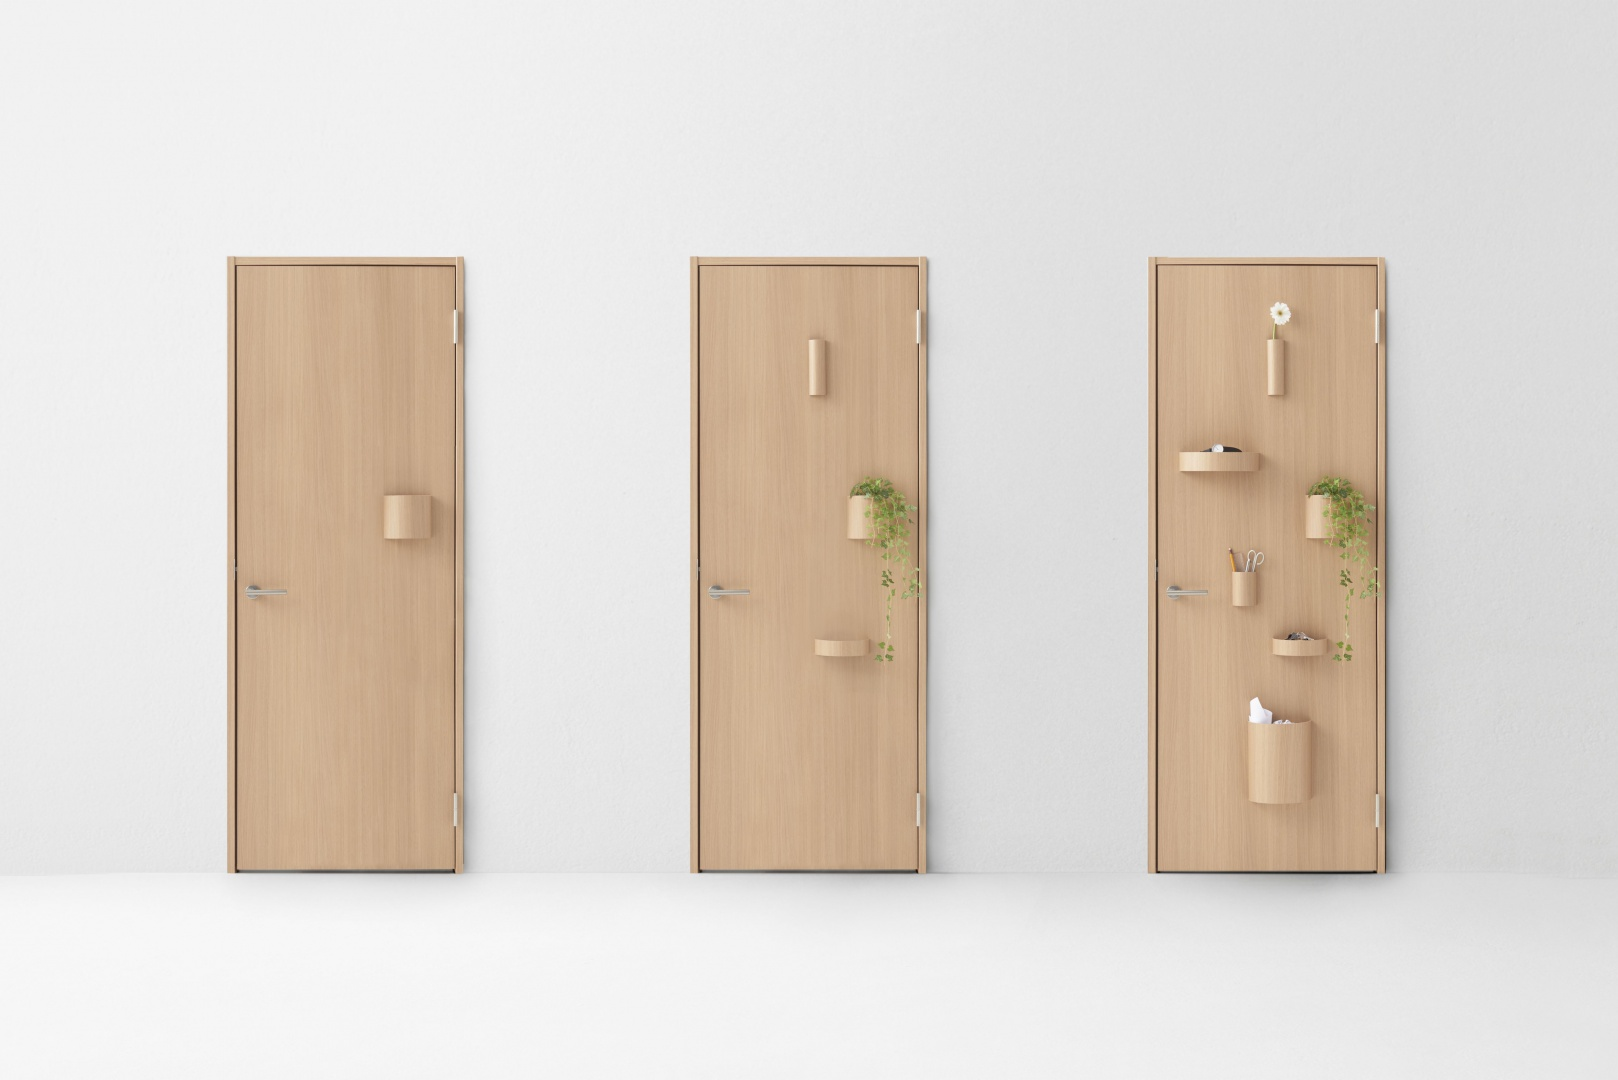 Nowa kolekcja drzwi zaprojektowana przez nendo dla Abe Kogyo - japońską firmę produkującą stolarkę drzwiową. Z okazji obchodzonego w 2015 roku 70-lecia działalności firmy. Na zdjęciu model Hang. Fot. Akihiro Yoshida.